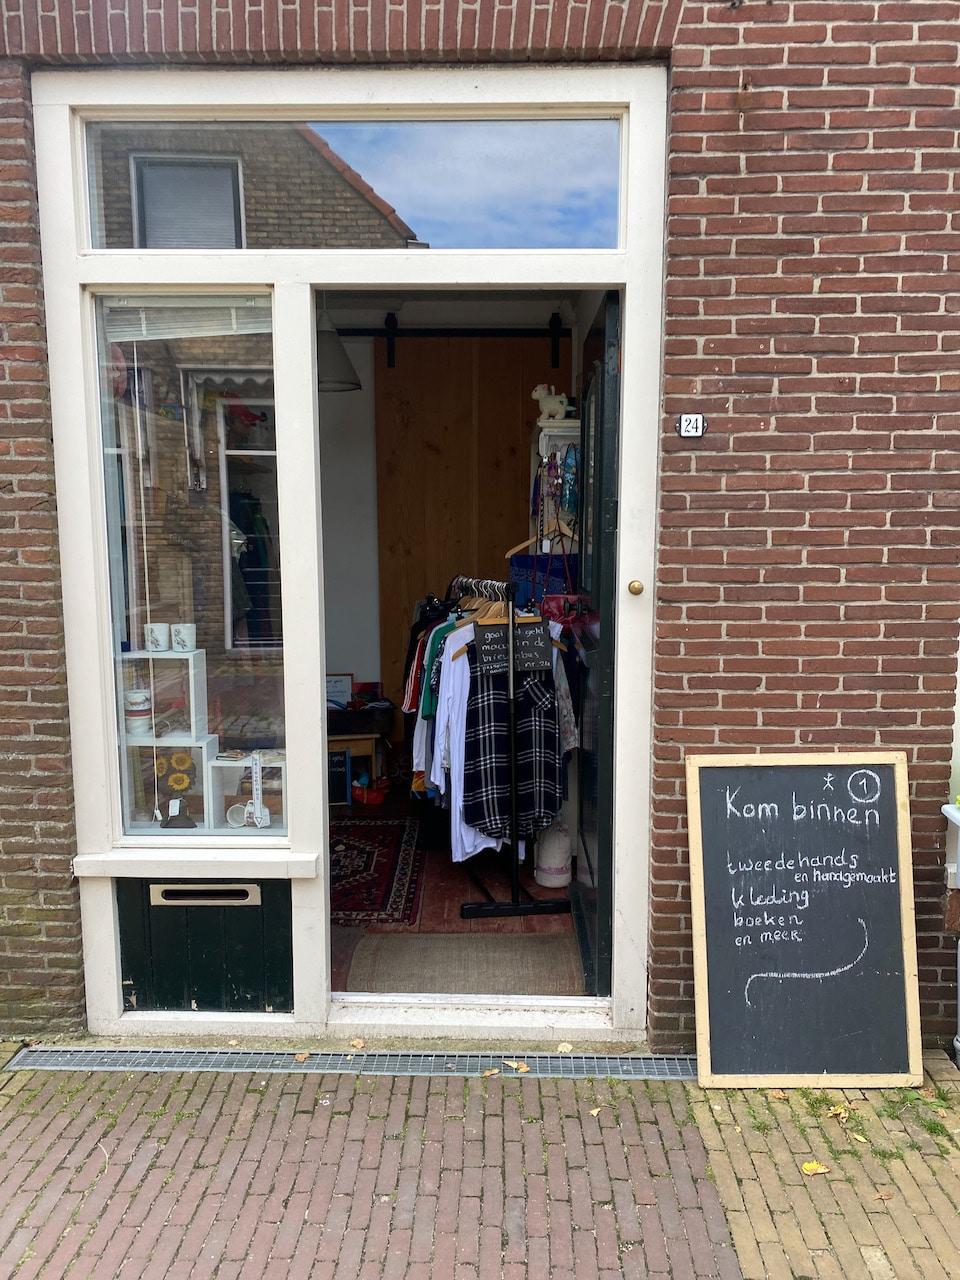 Vaarvakantie in Friesland - vaarroute voor 1 week -  Workum